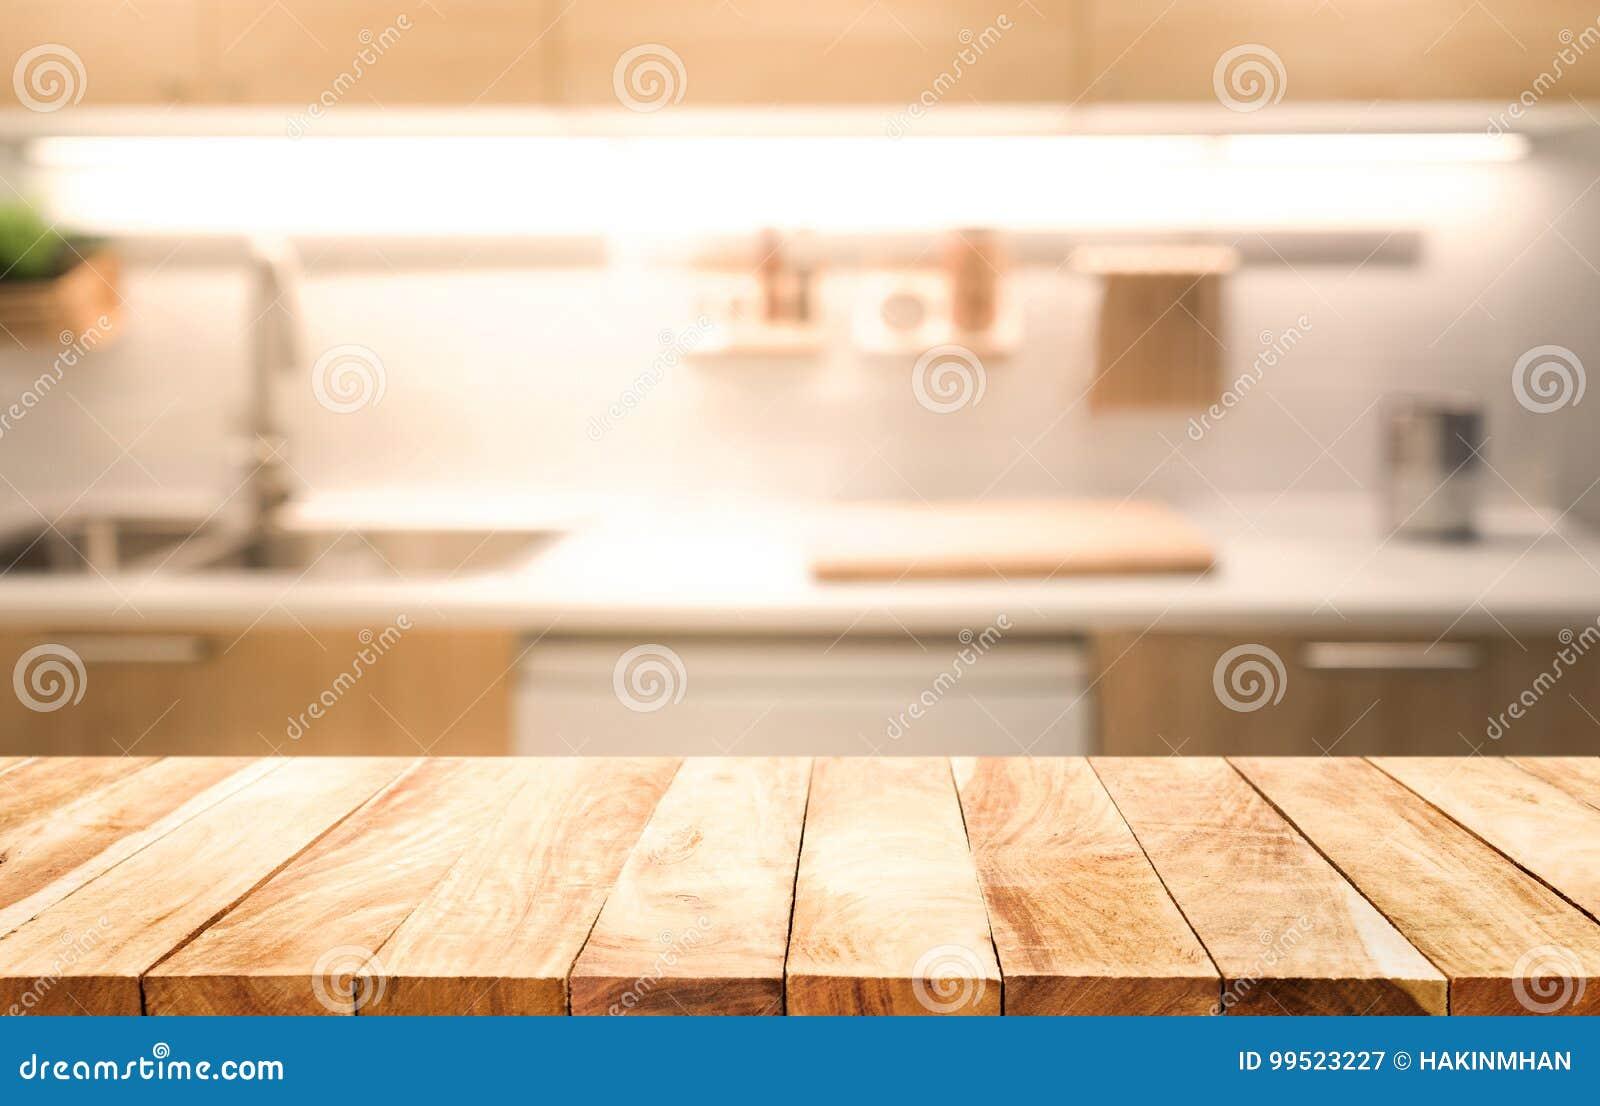 Drewniany stołowy wierzchołek na plamy kuchennego izbowego tła kulinarnym pojęciu